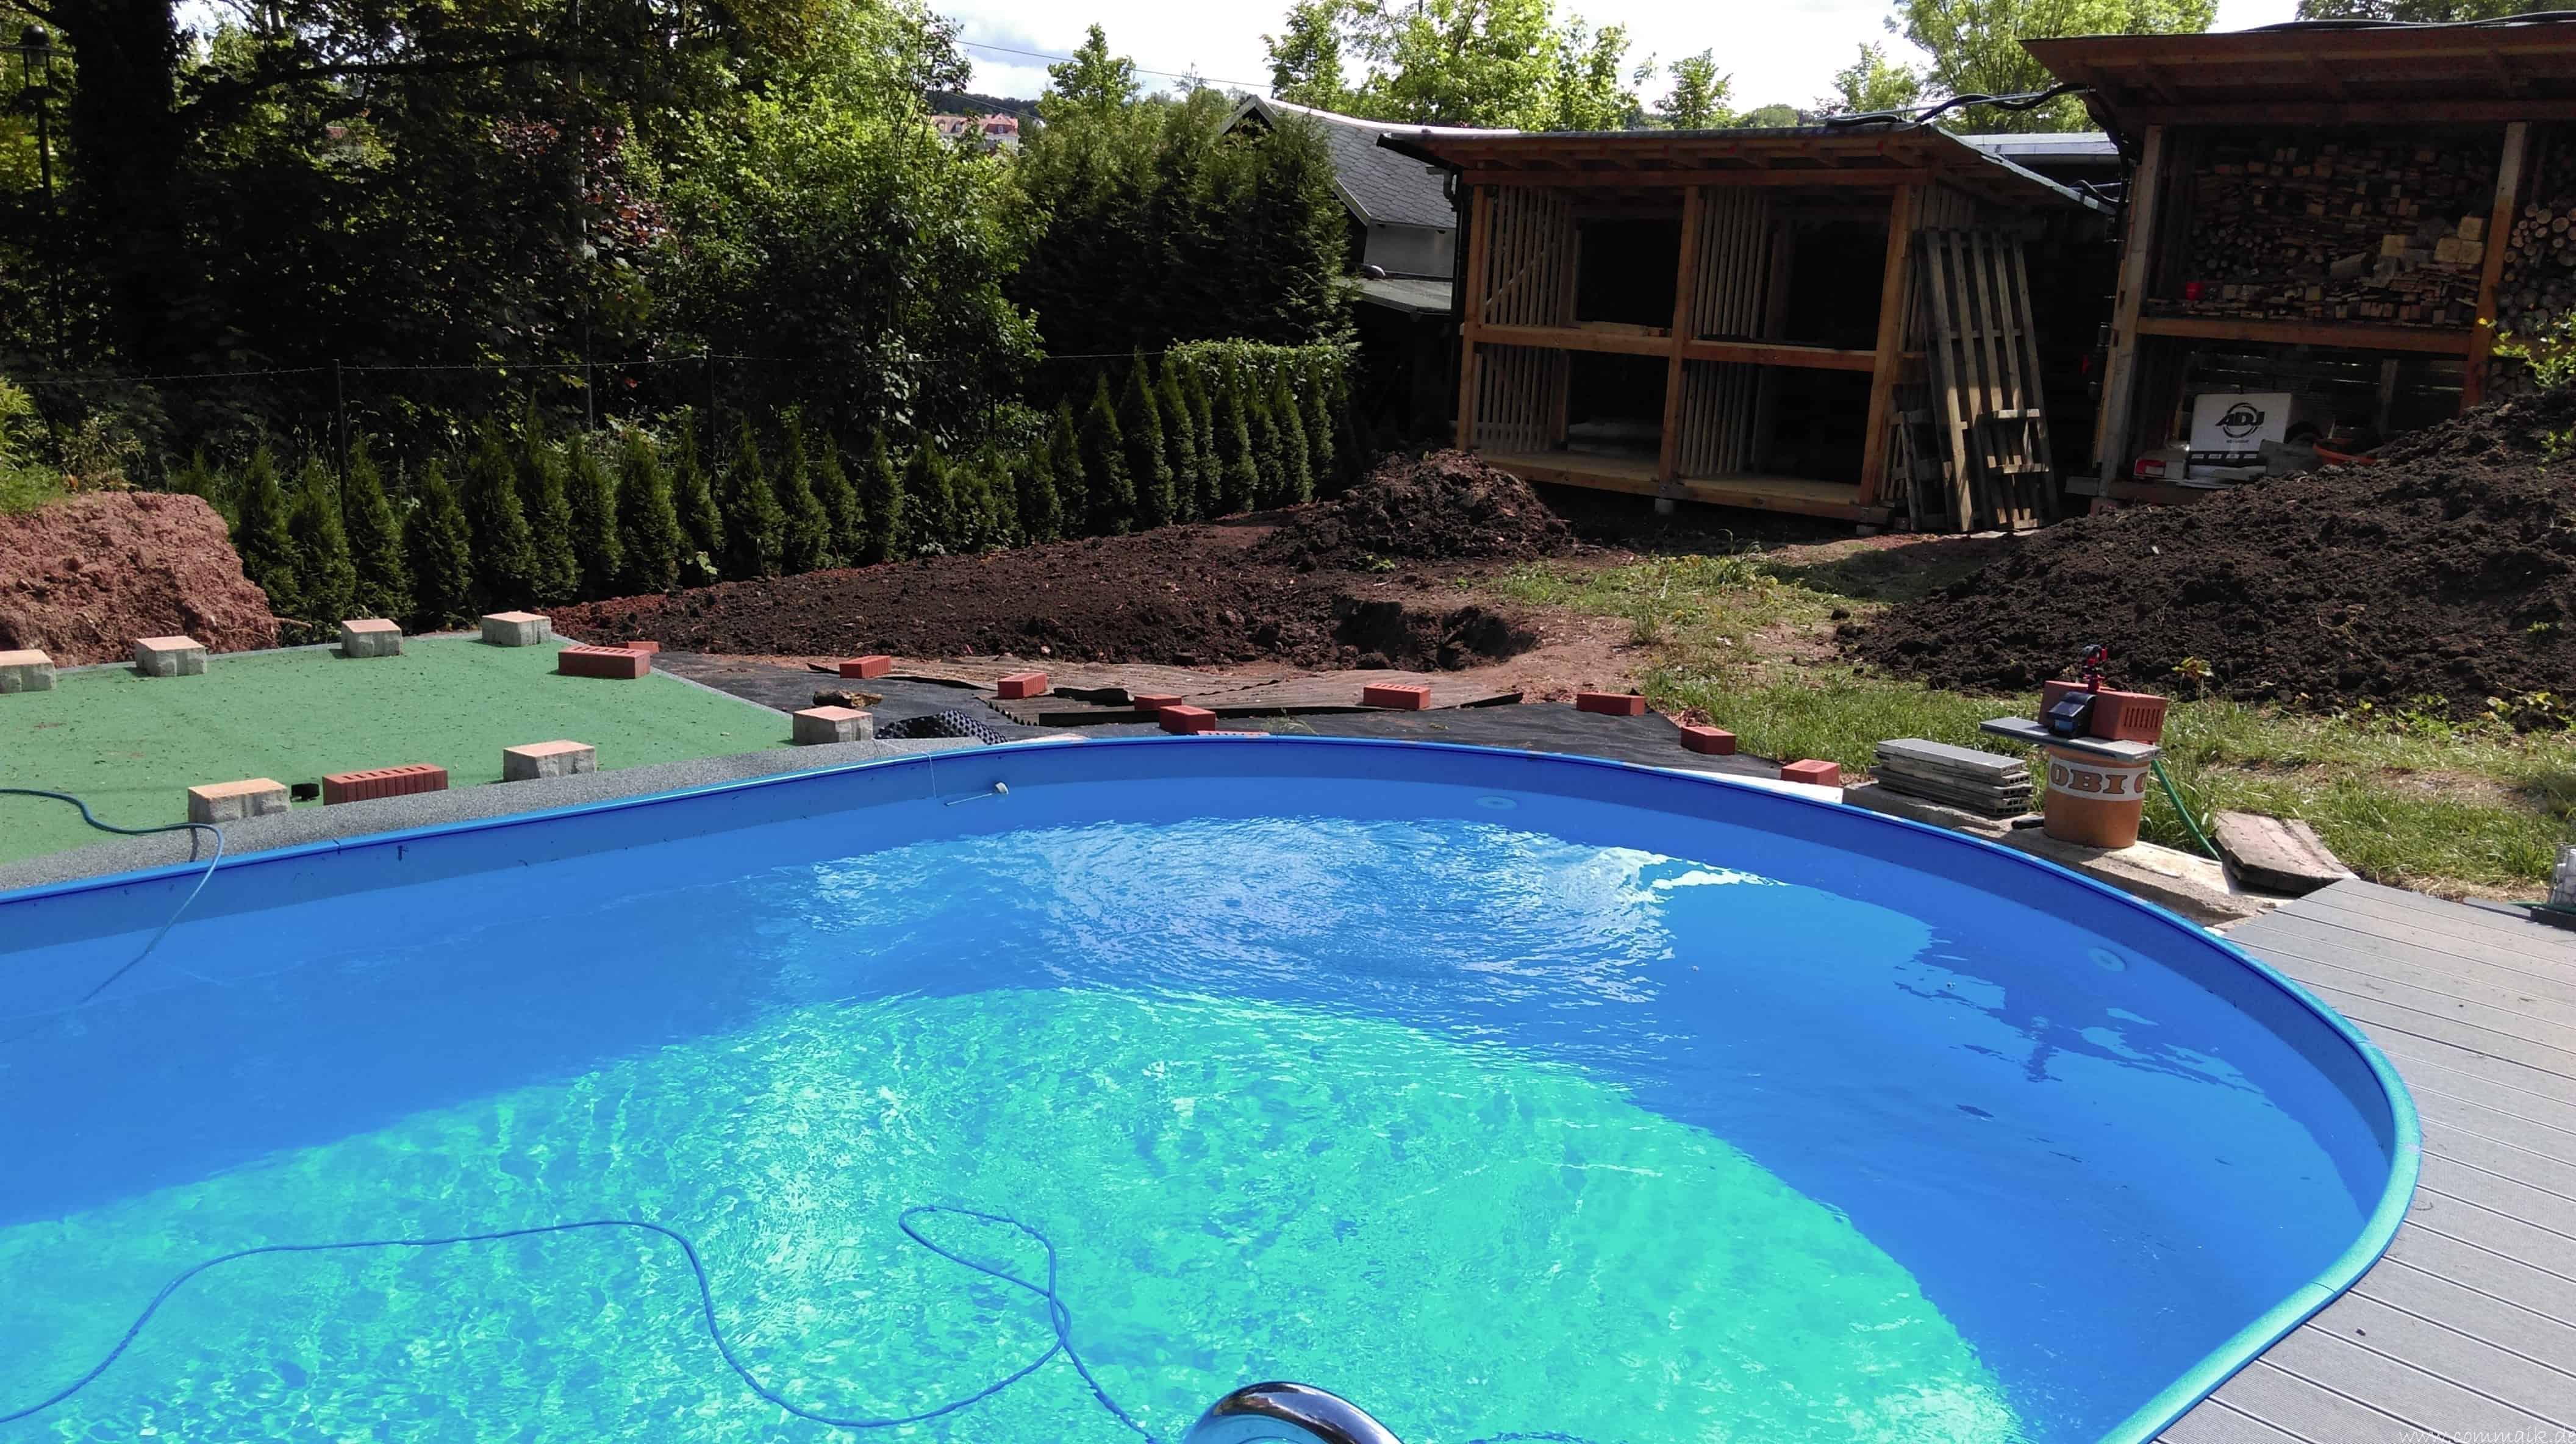 entsorgung des erdaushubs und anlegen des neuen rasen an der pool aussenanlage commaik. Black Bedroom Furniture Sets. Home Design Ideas